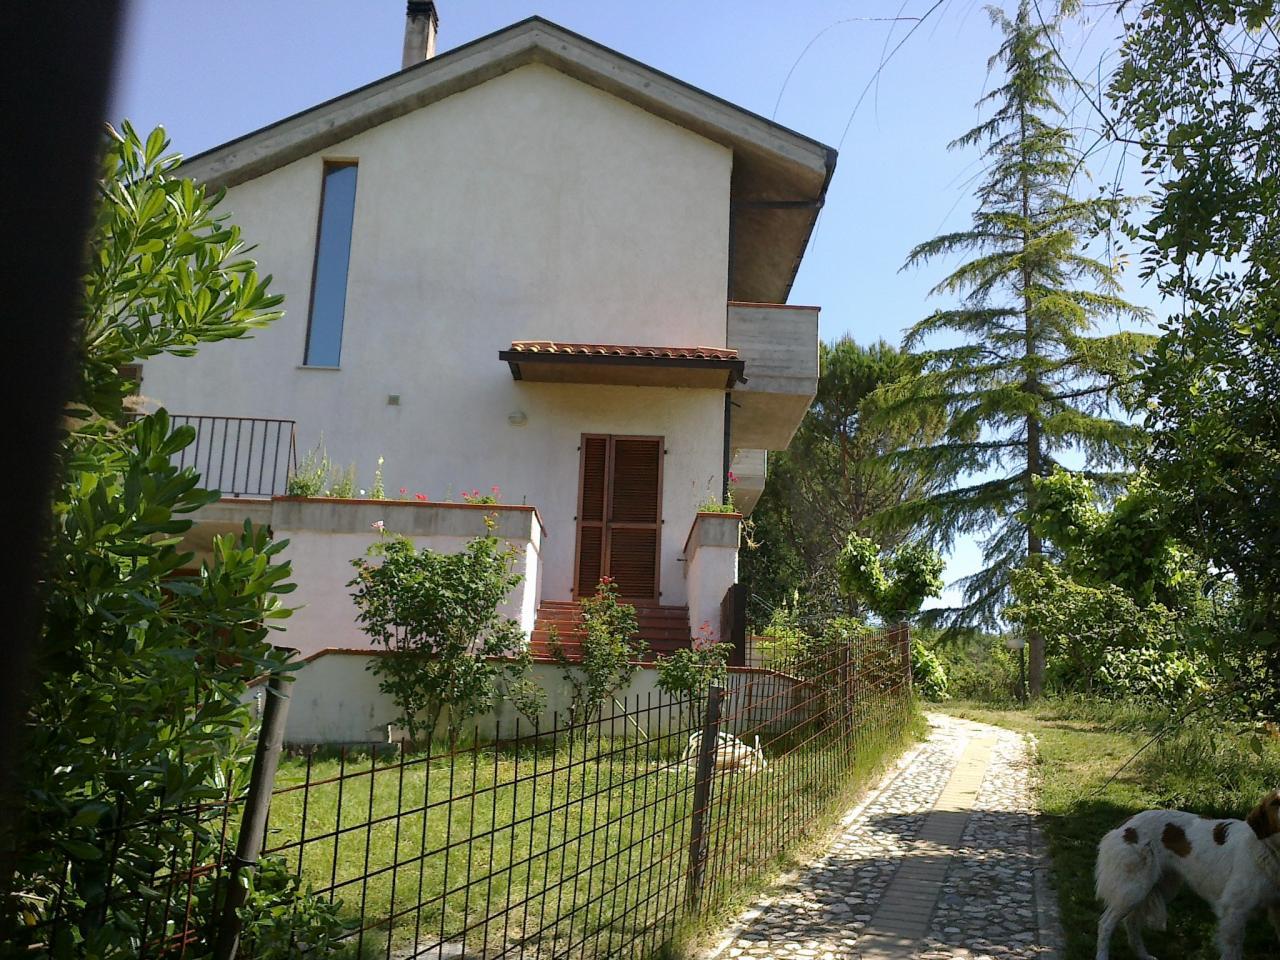 Villa in vendita a Teramo, 6 locali, prezzo € 450.000 | Cambio Casa.it